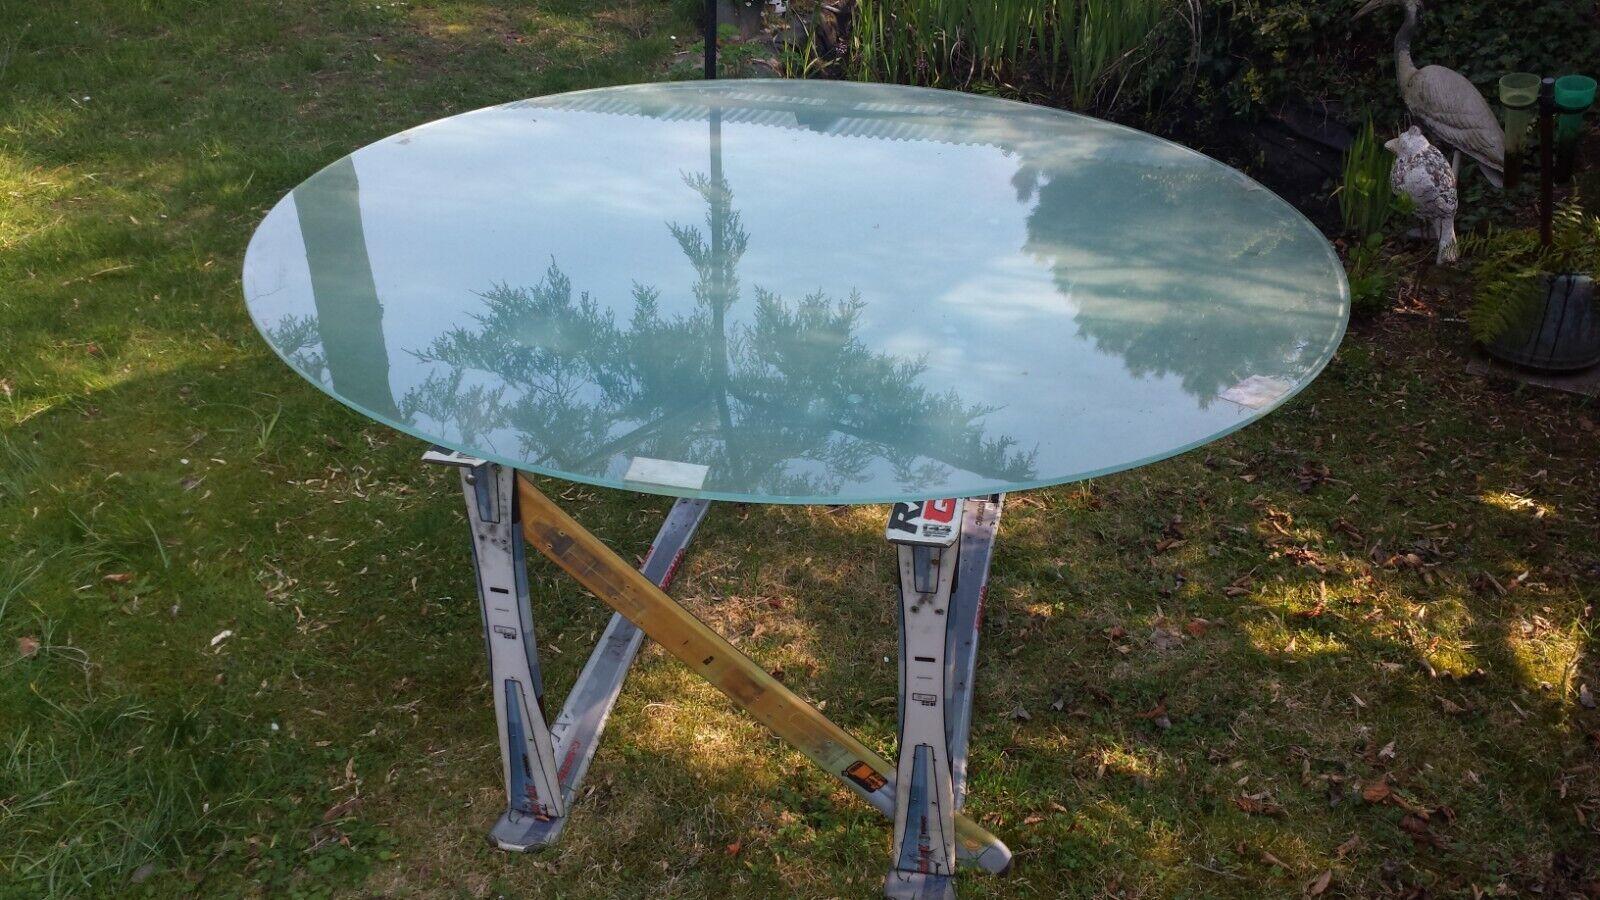 Glastisch  SKI  neu aufgebaut Als Couchtisch, Esstisch oder Stehtisch.